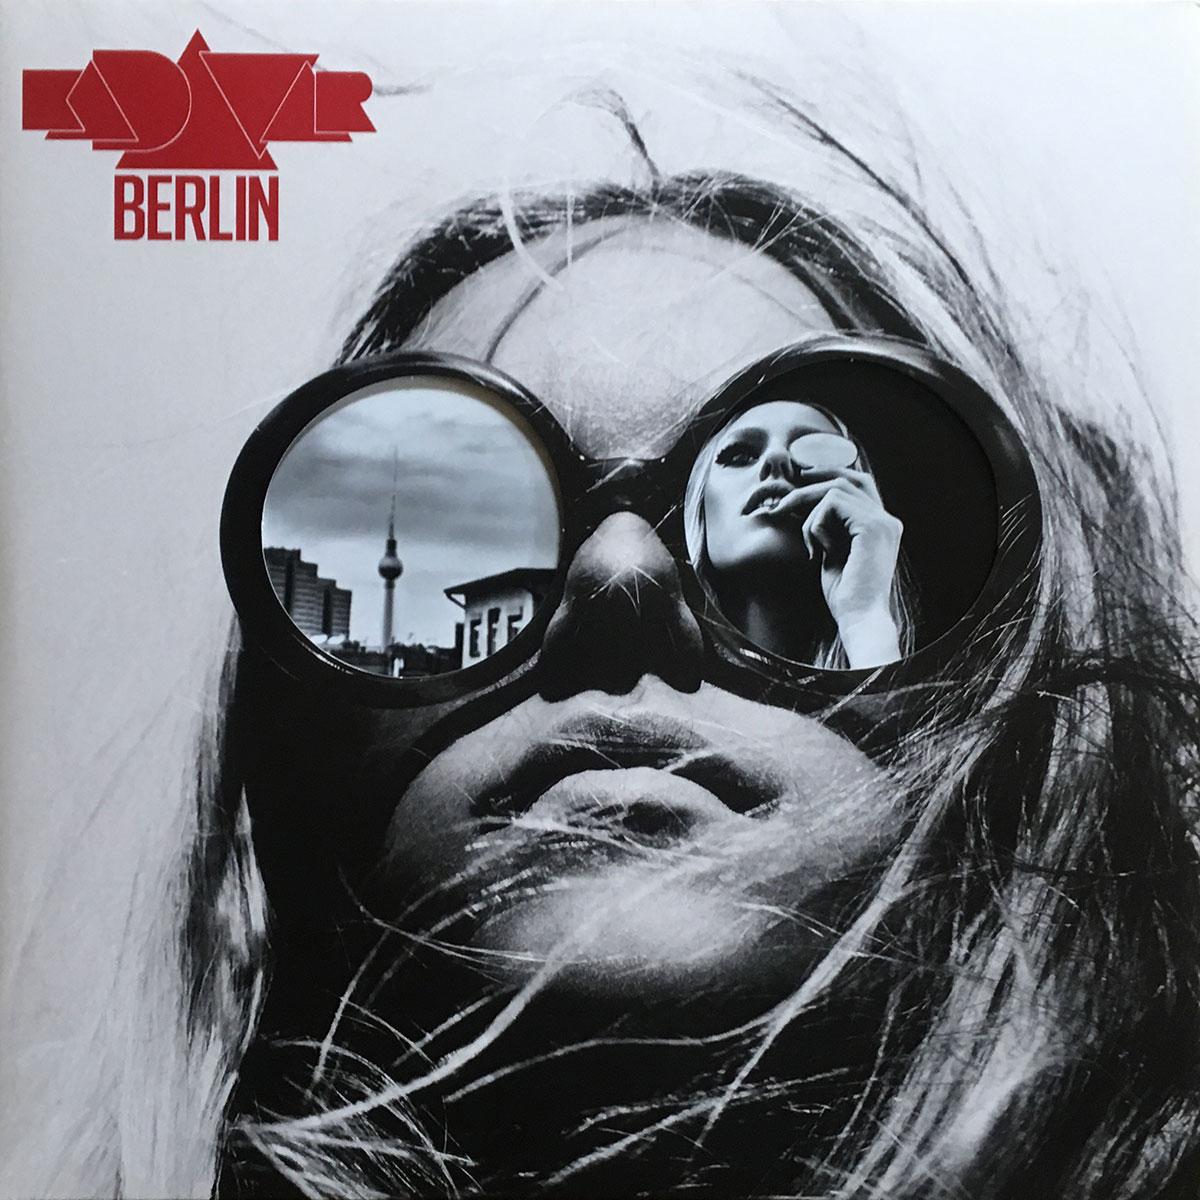 Kadavar - Berlin - 3